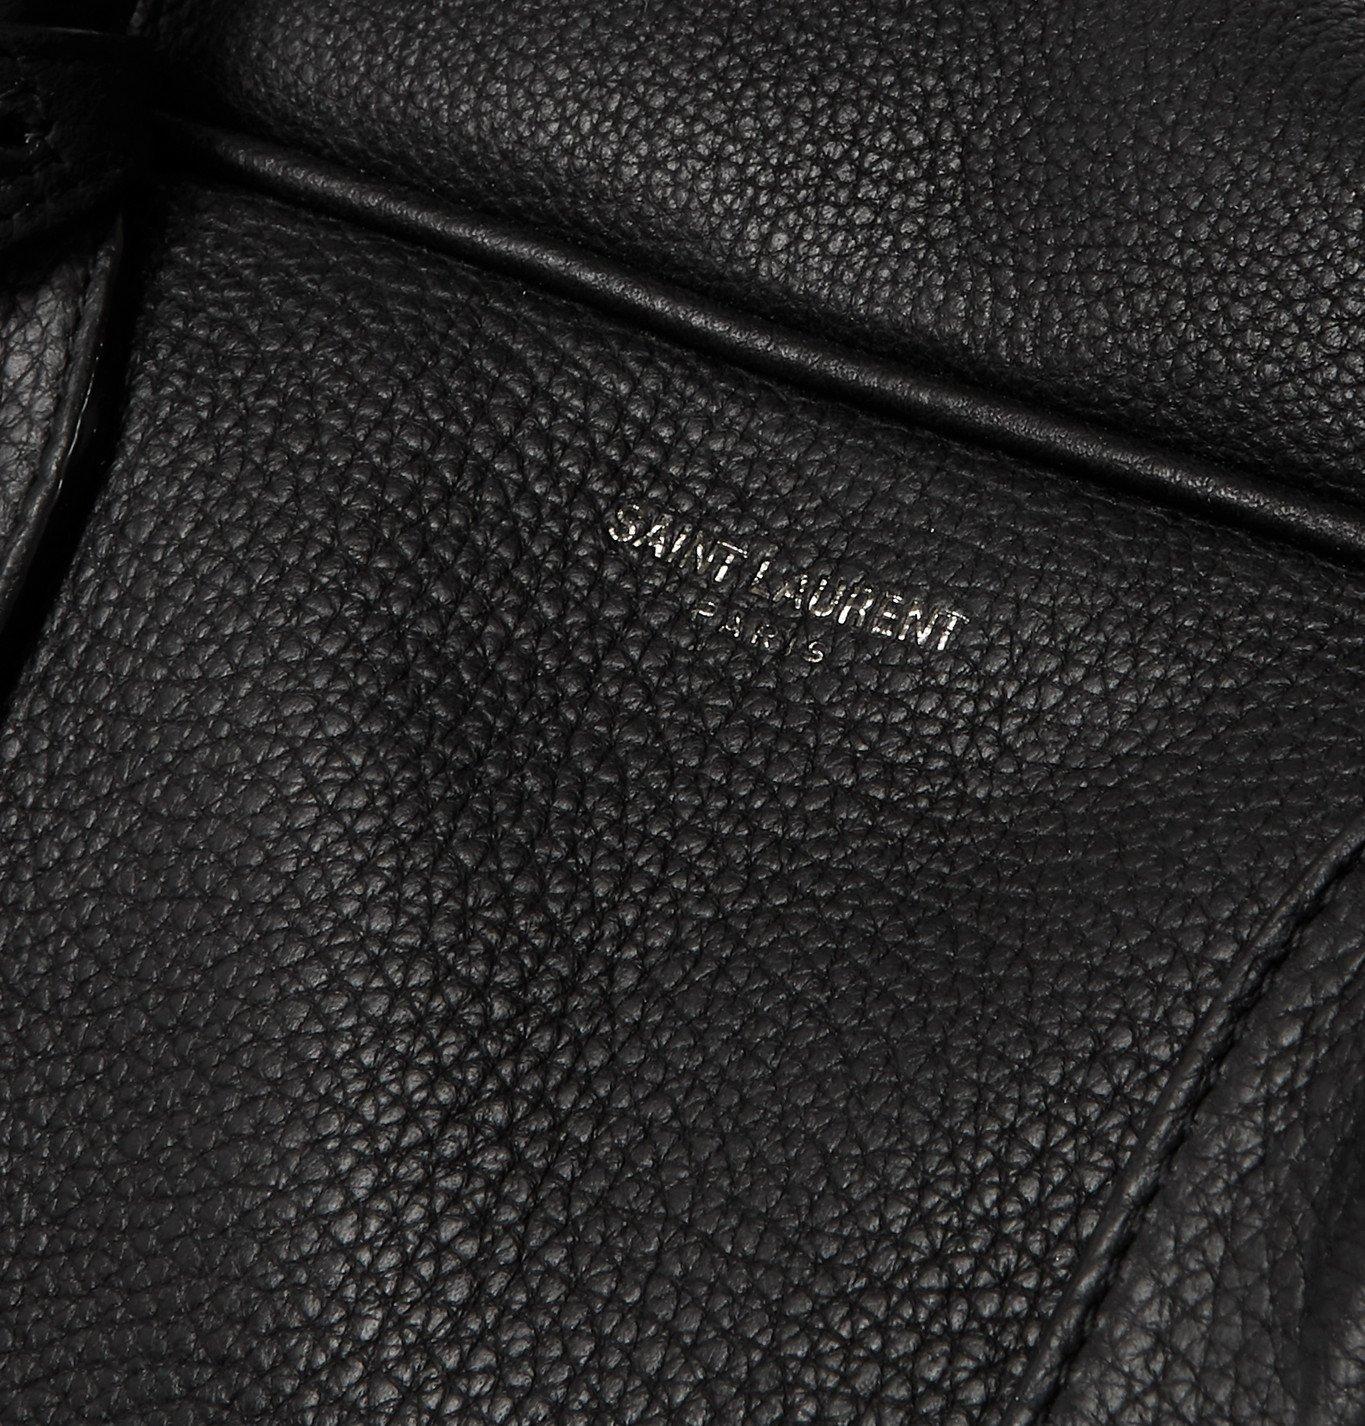 SAINT LAURENT - Full-Grain Leather Holdall - Black